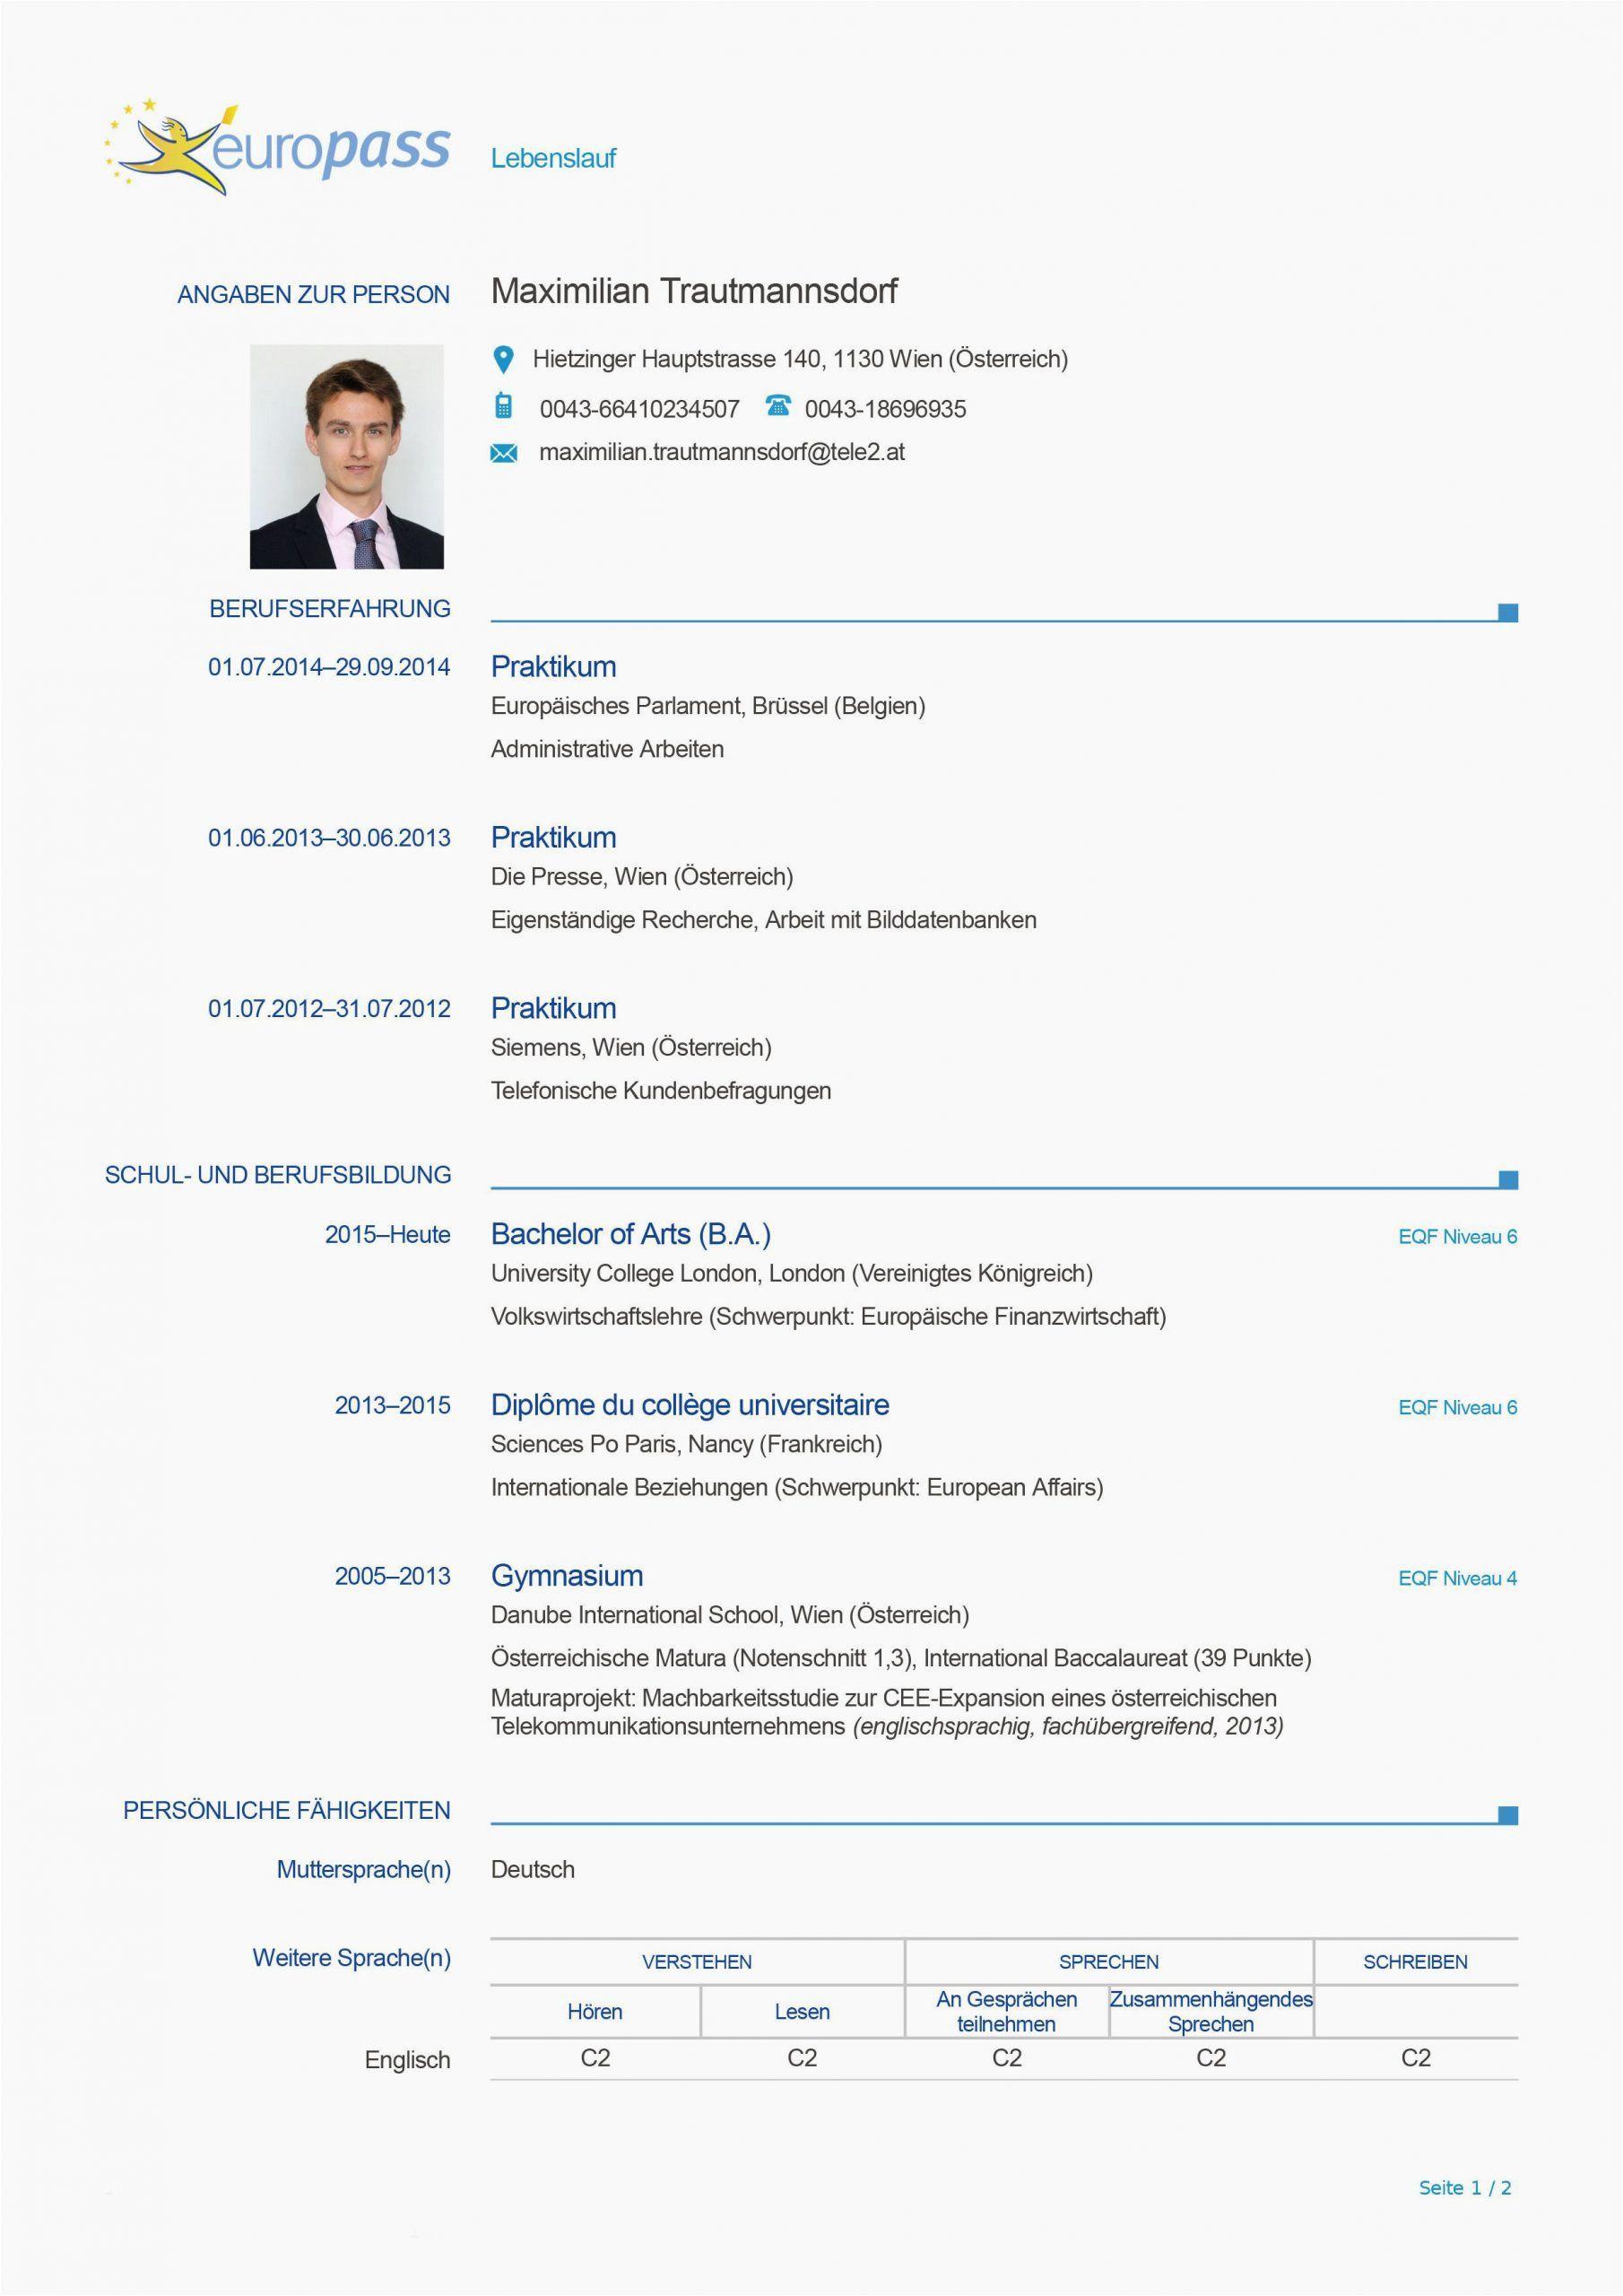 Lebenslauf Europass Deutsch Muster In 2020 Lebenslauf Perfekter Lebenslauf Vorlagen Lebenslauf